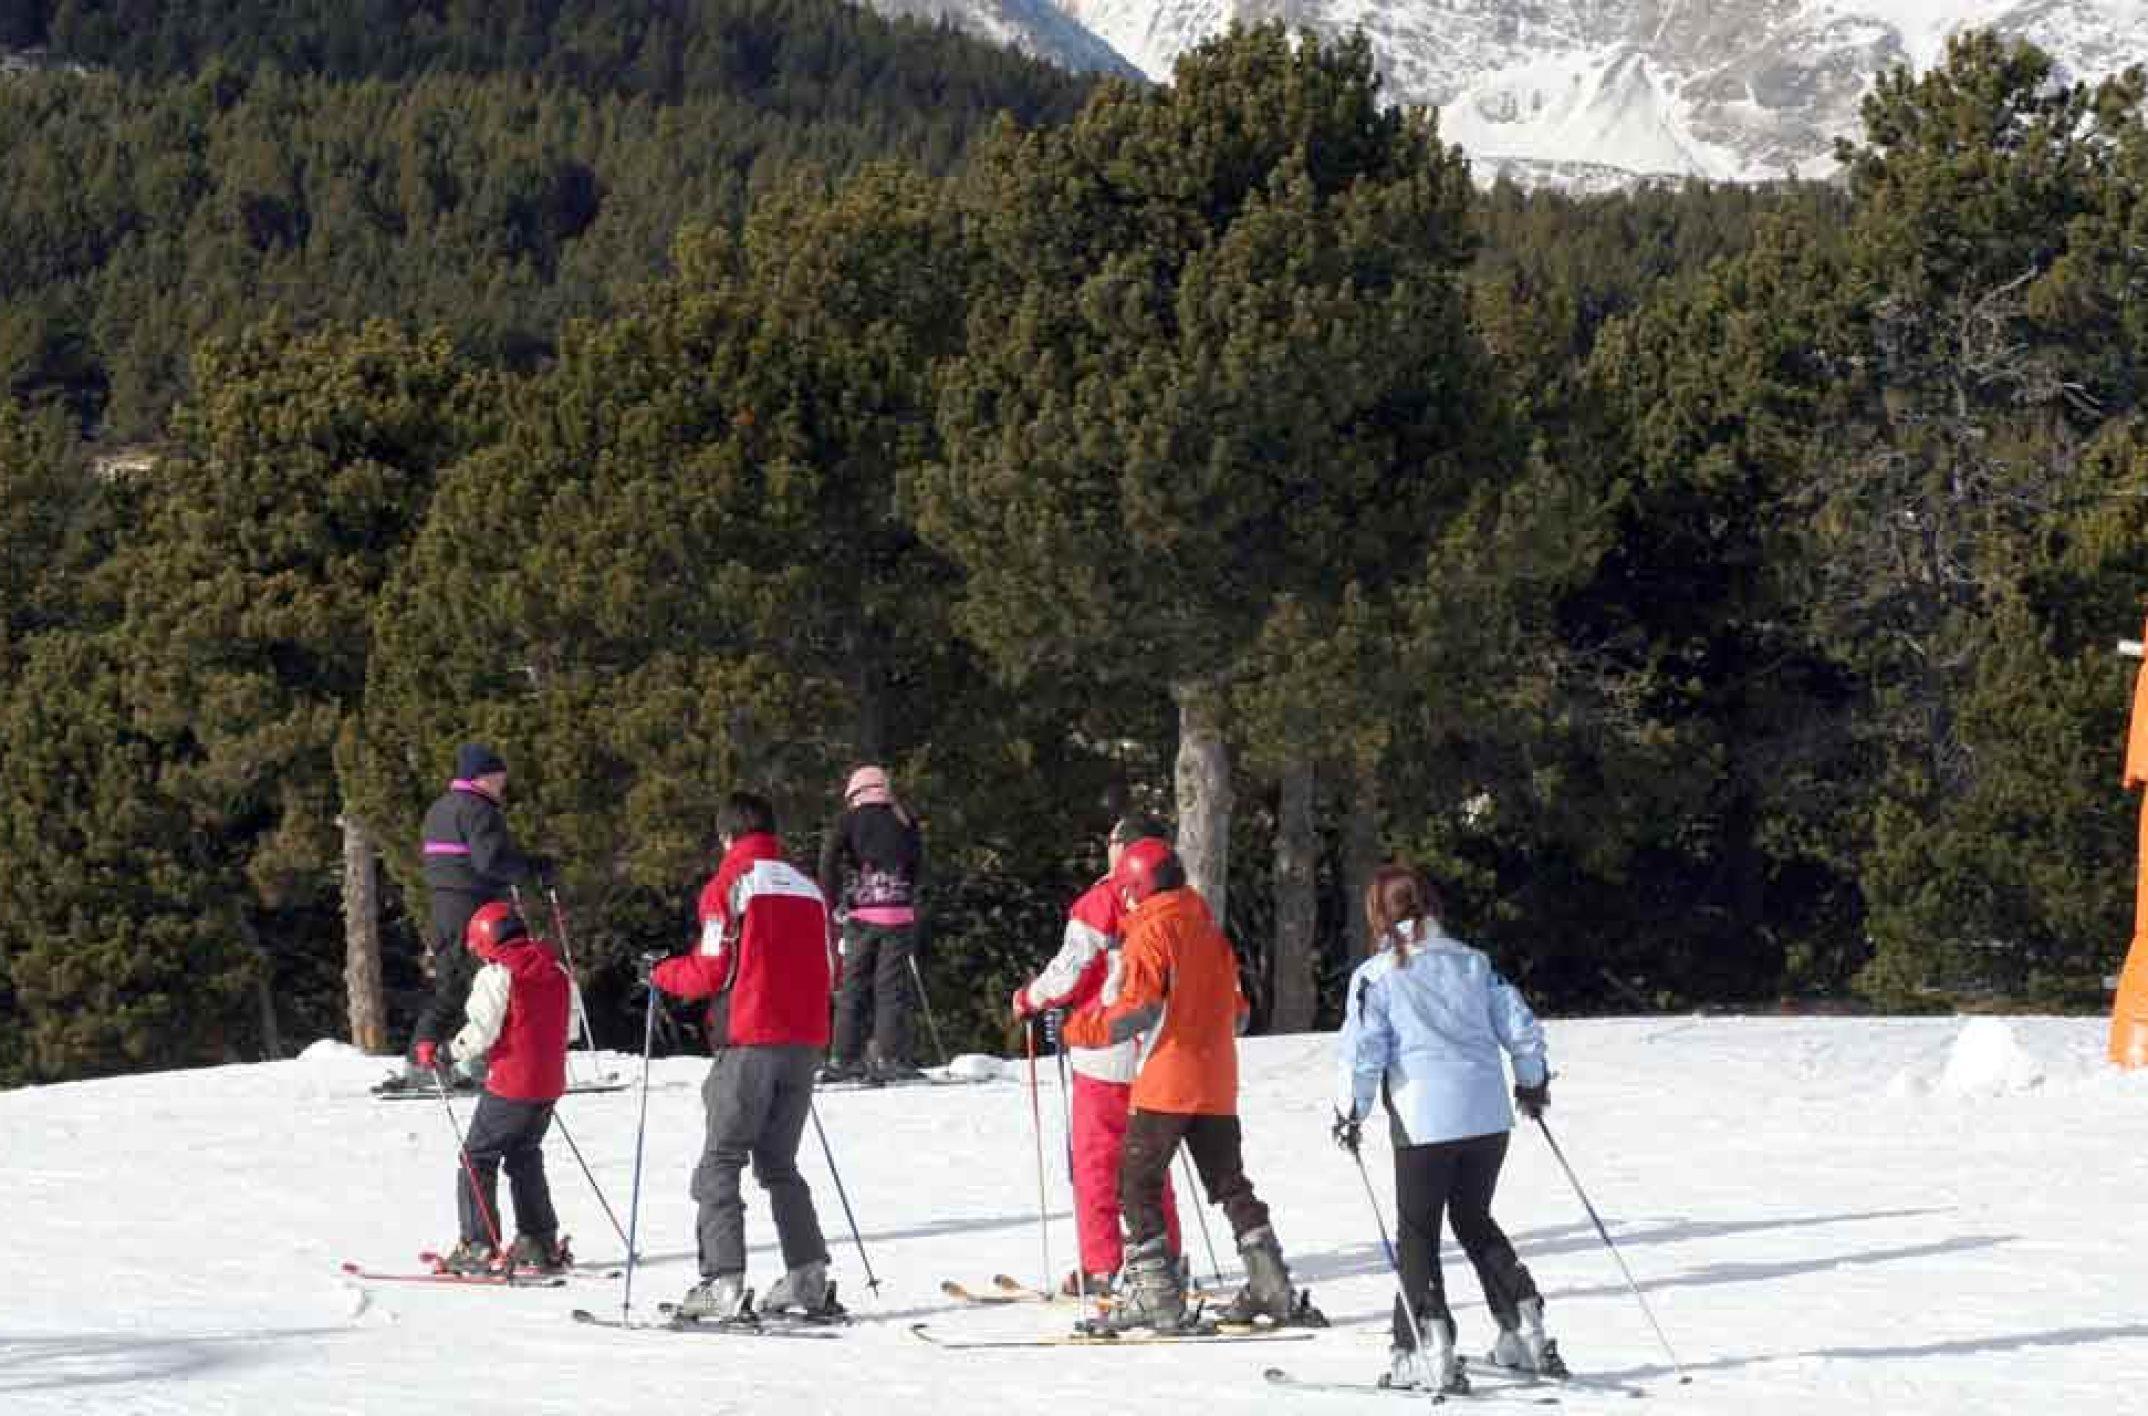 La bonne adresse pour tout savoir sur sa station ski pyrénées